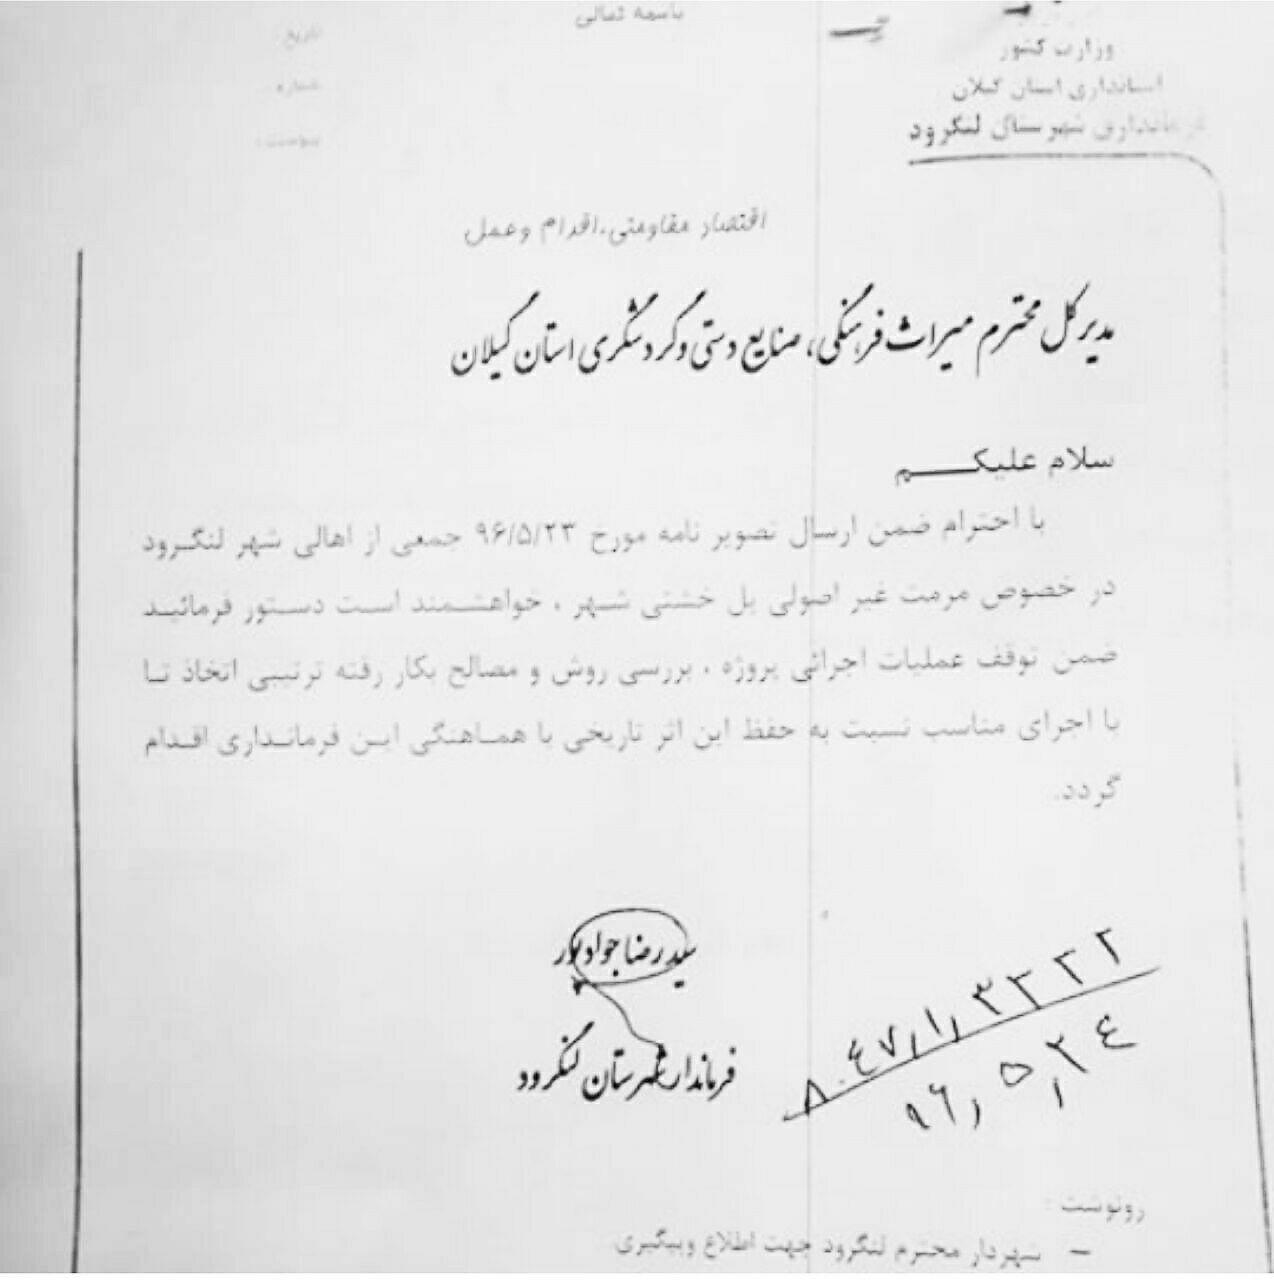 نامه فرماندار لنگرود به سوستانی توقف عملیات مرمت پل خشتی مرداد 96